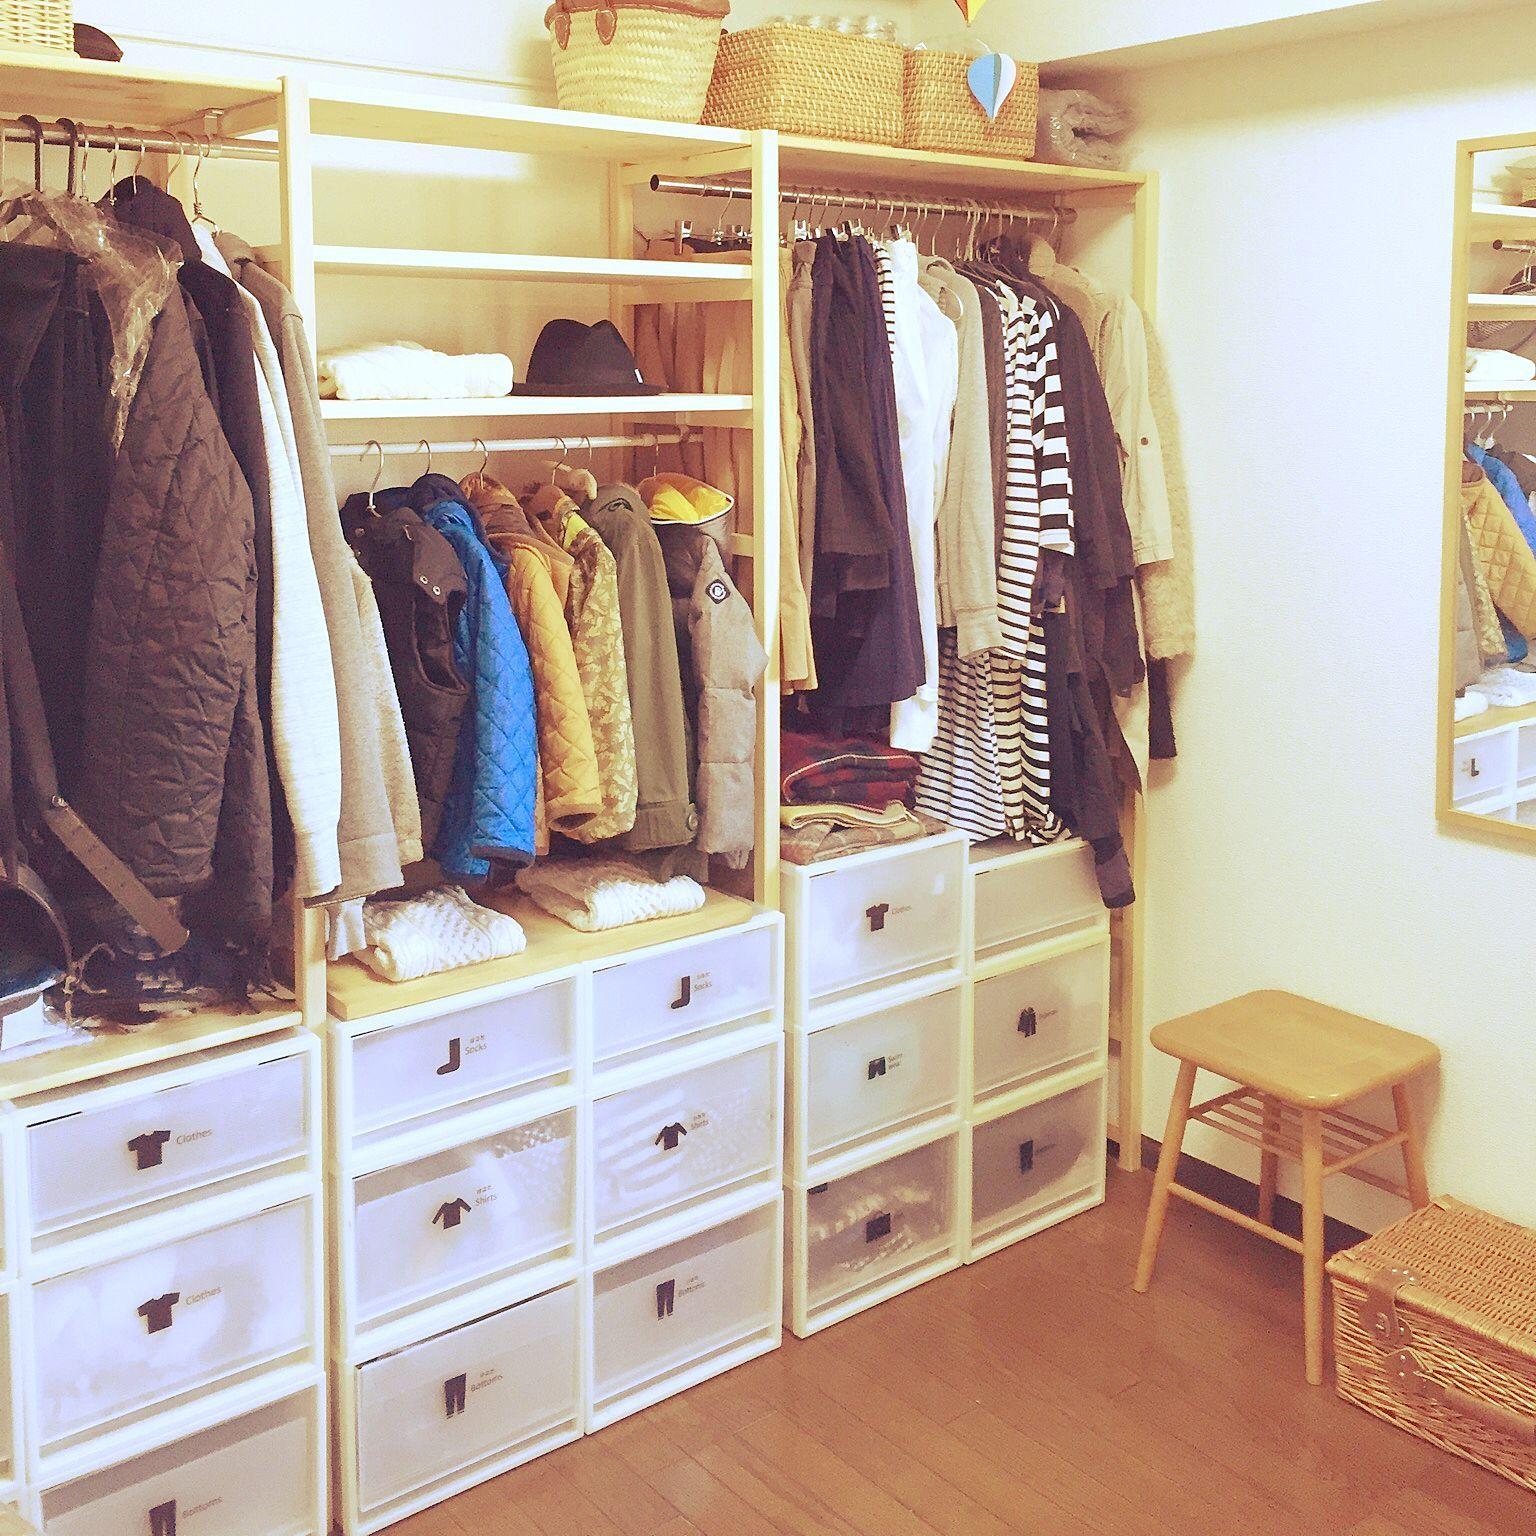 無印良品の収納棚「パイン材ユニットシェルフ」をご存じでしょうか。収納では定評ある無印良品。「パイン材ユニットシェルフ」は、安価で組み立てやすく、ナチュラル感が絶大という、とくに女性におススメしたい収納棚です。その魅力をご紹介します。